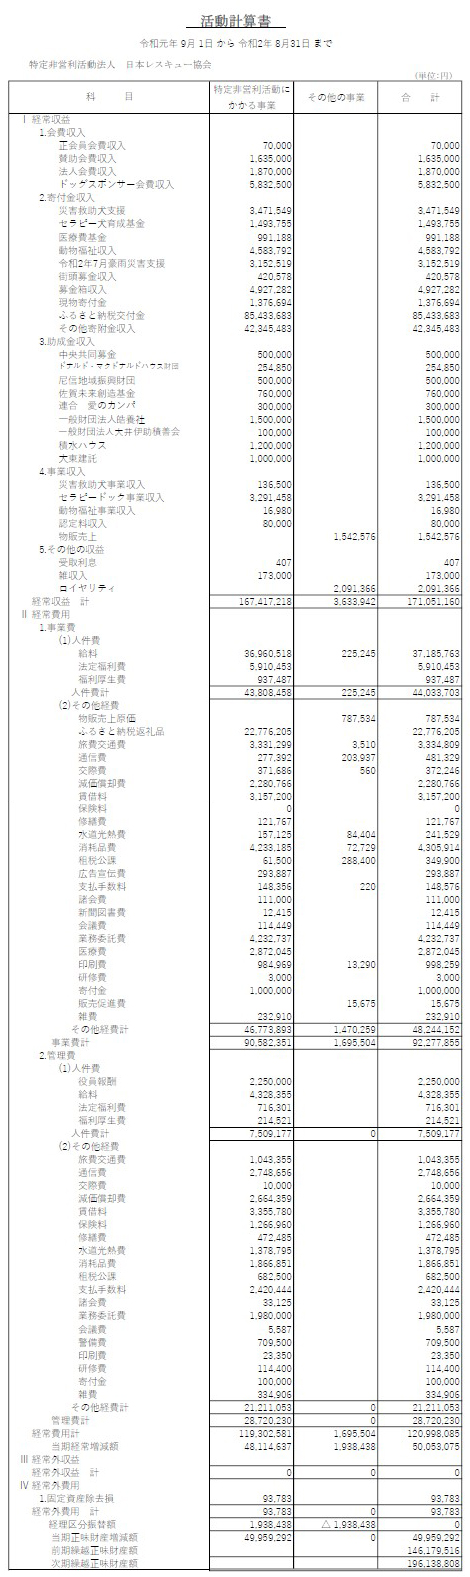 令和元年度 日本レスキュー協会収支報告